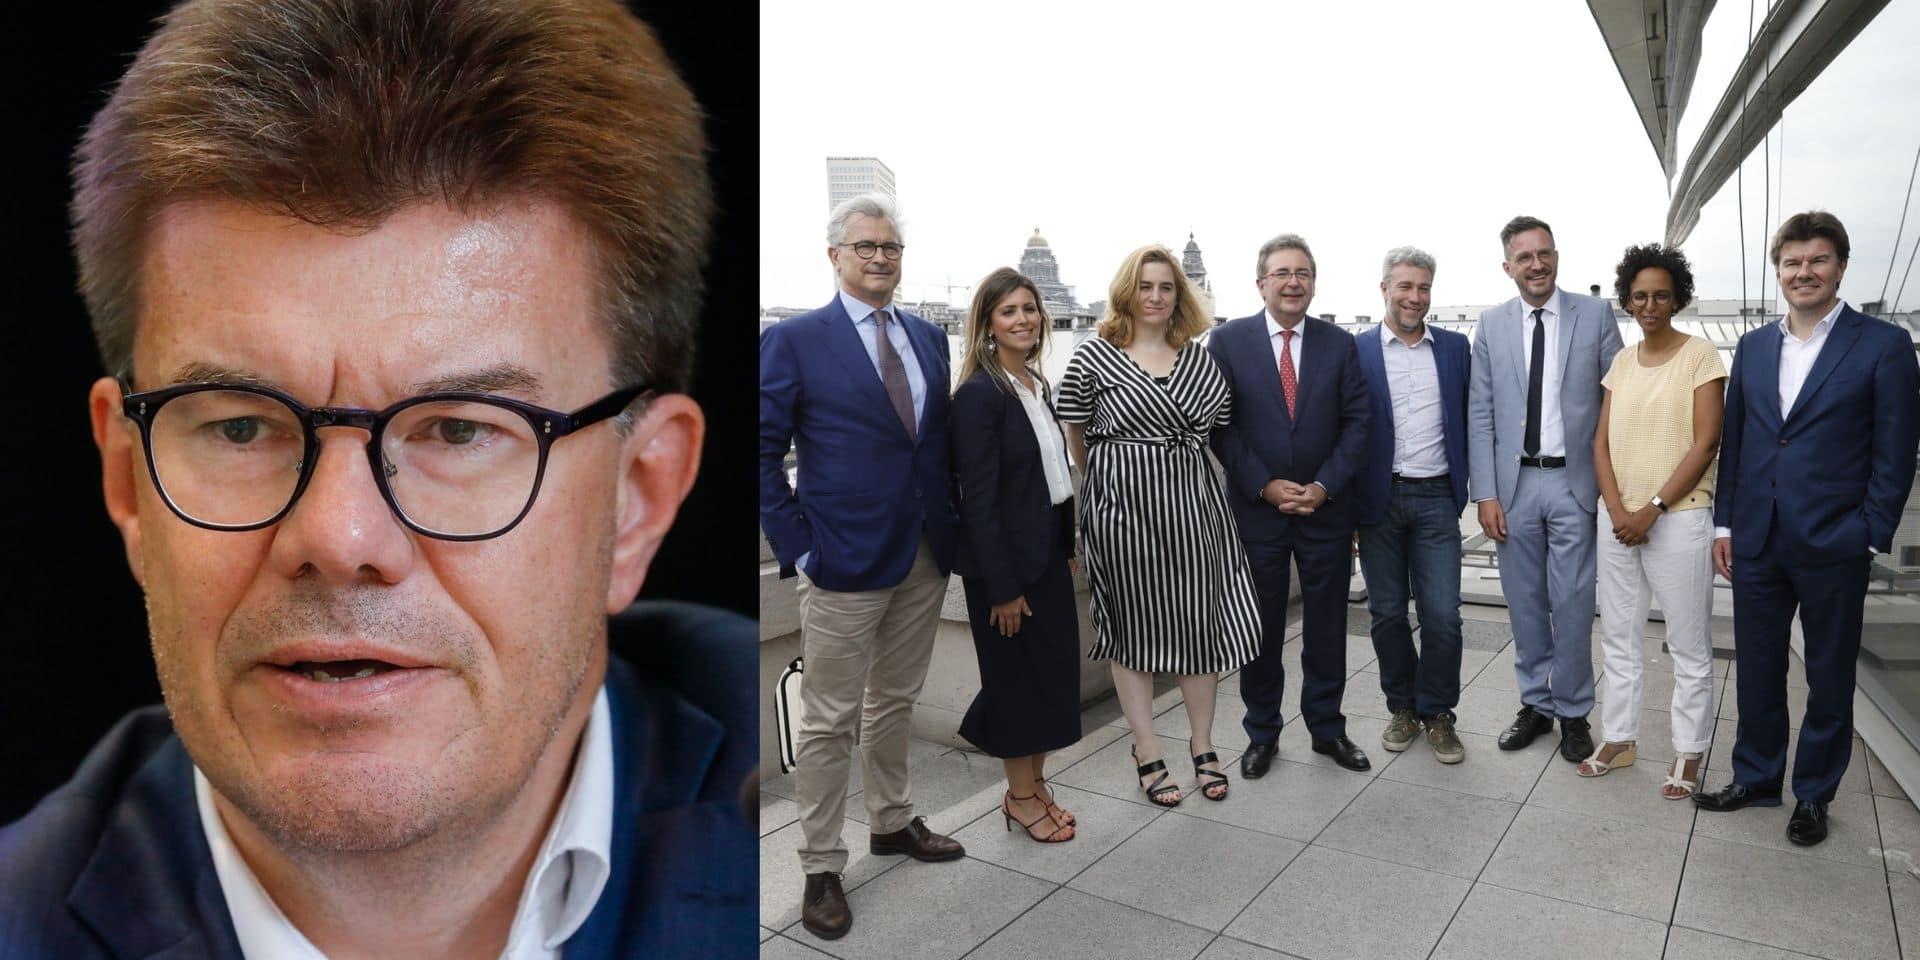 Le ministre Sven Gatz est positif au coronavirus: après le gouvernement wallon, tout le gouvernement bruxellois placé en quarantaine !